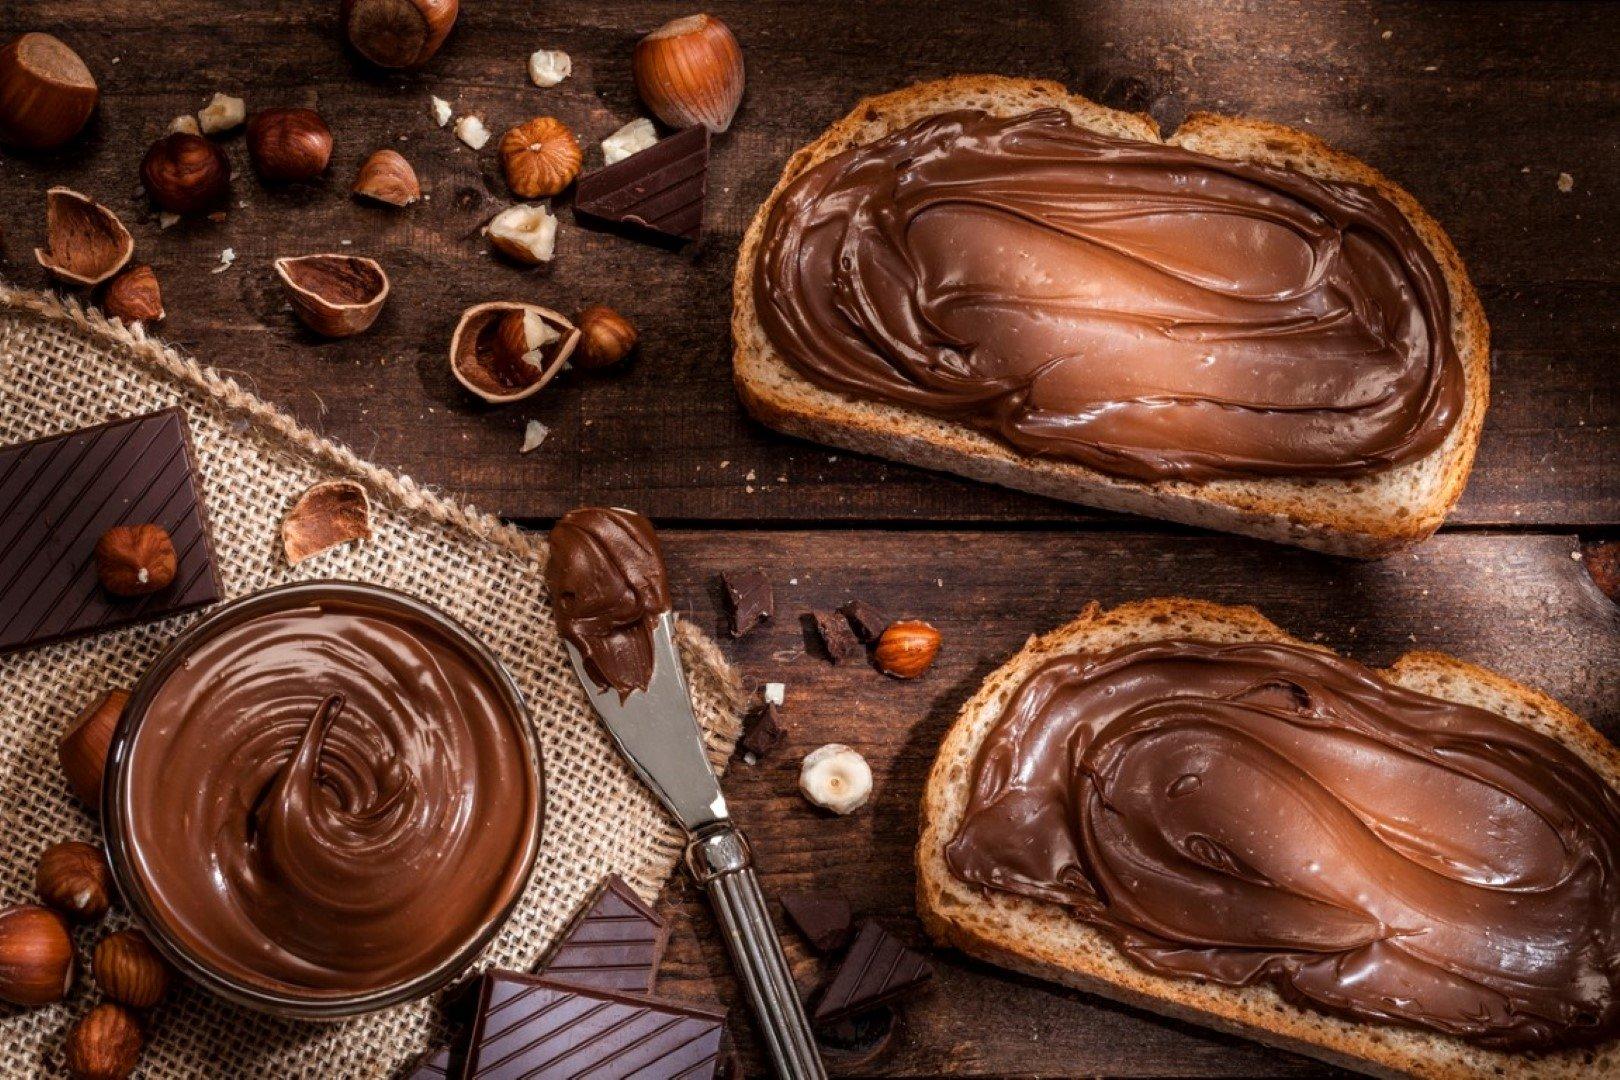 картинки шоколадная жизнь размеров